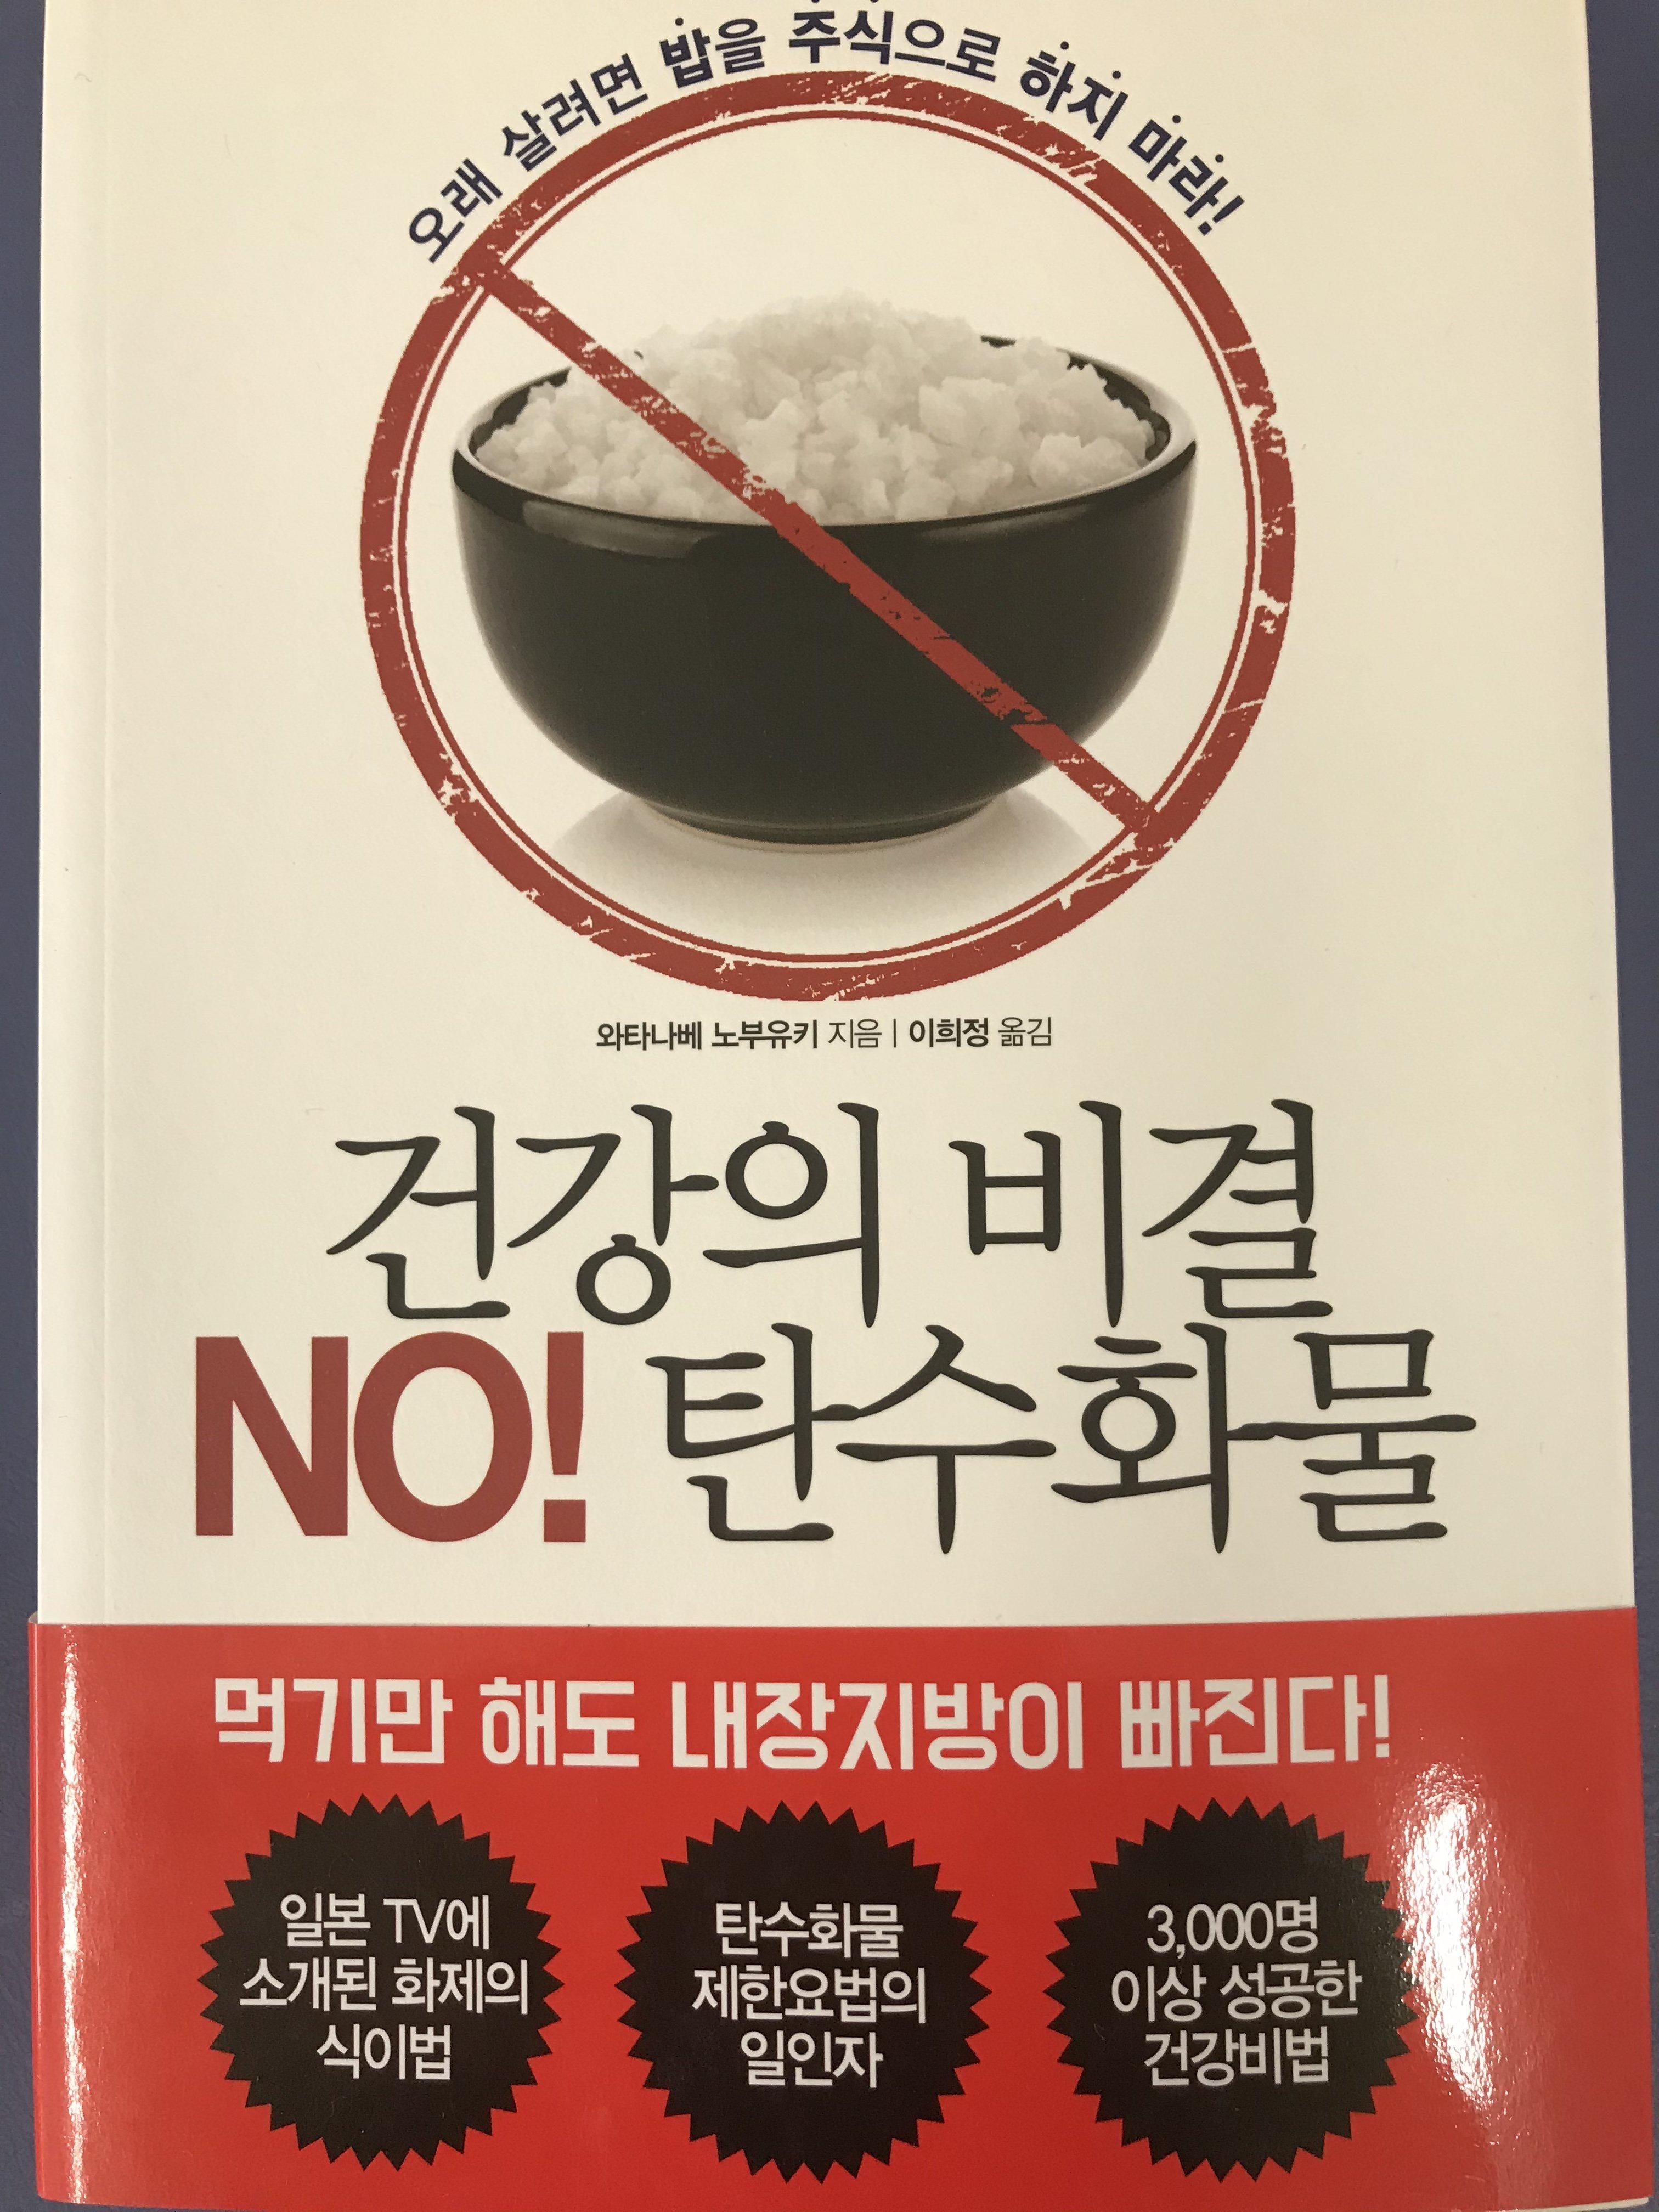 韓国版 日本人だからこそ「ご飯」を食べるな